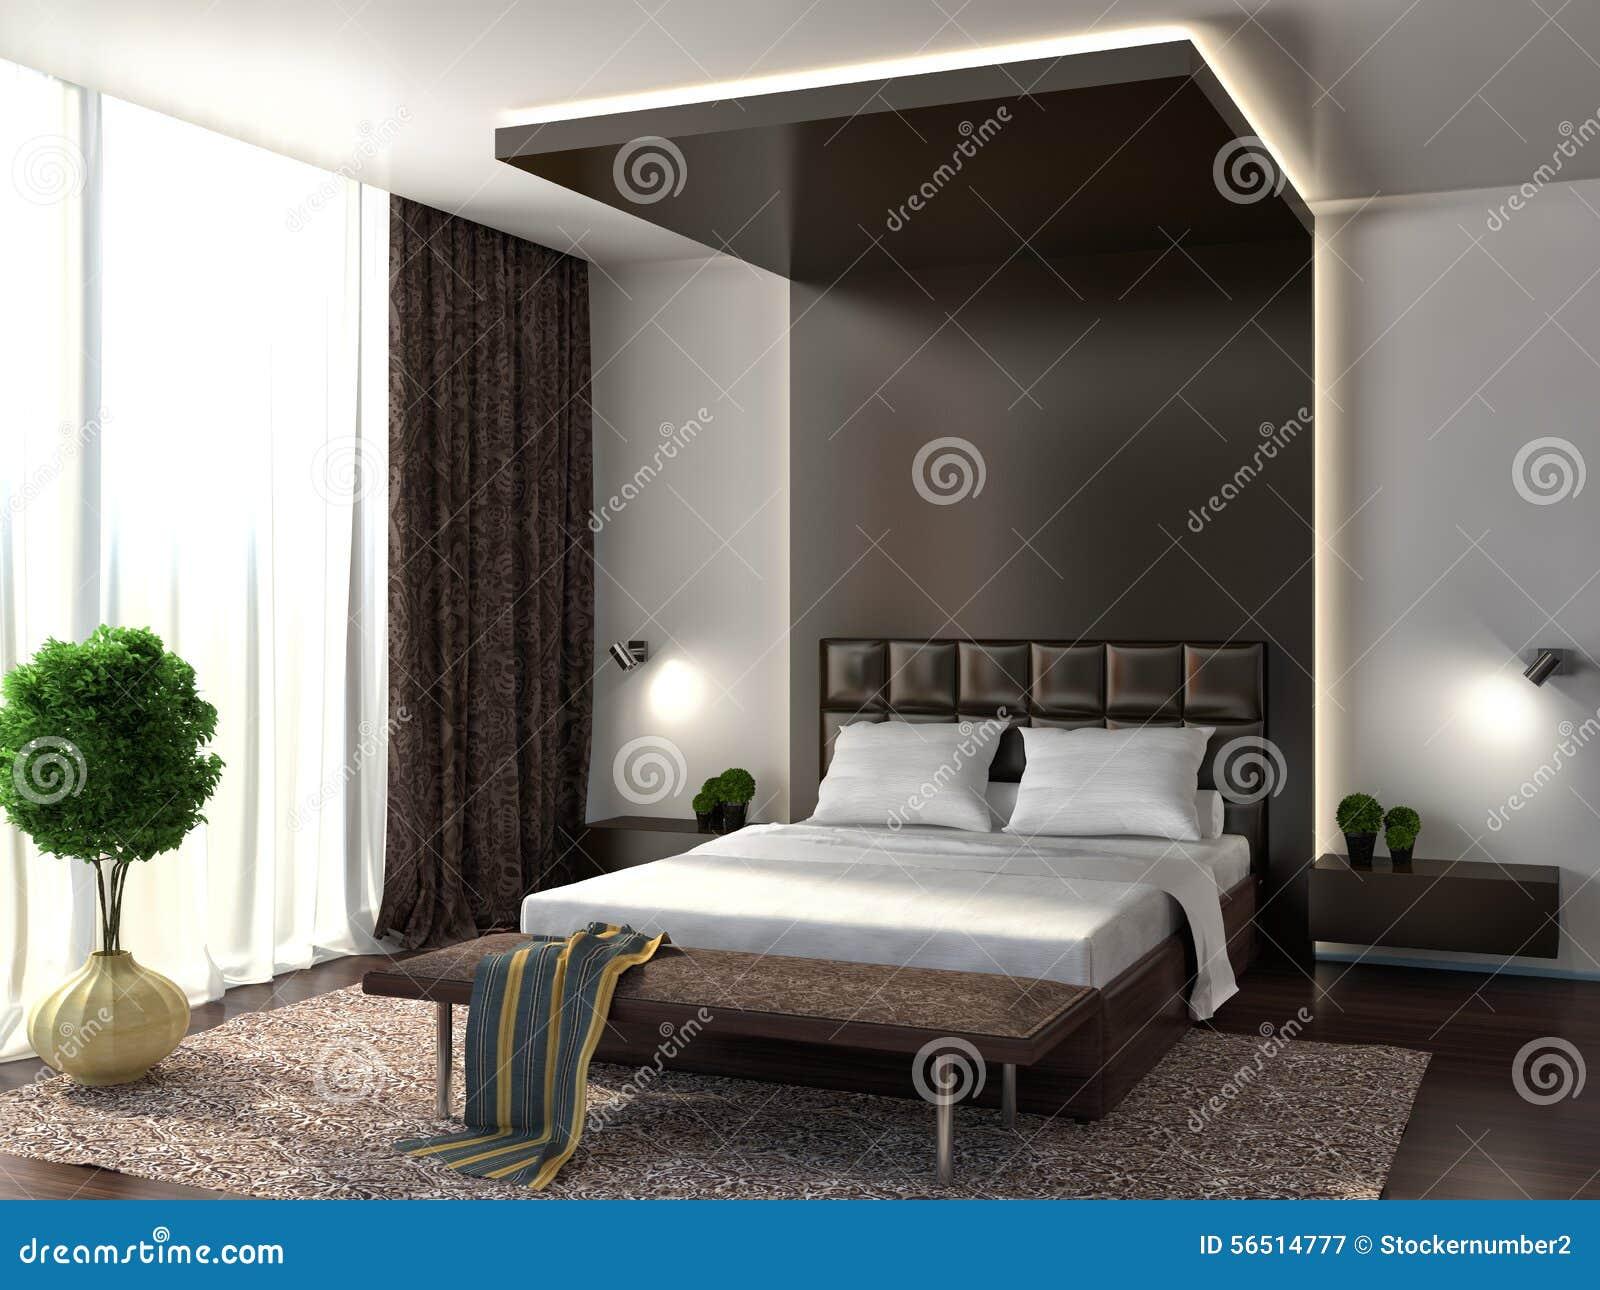 представленная молния окружающей спальни 3d нутряная brougham иллюстрация 3d